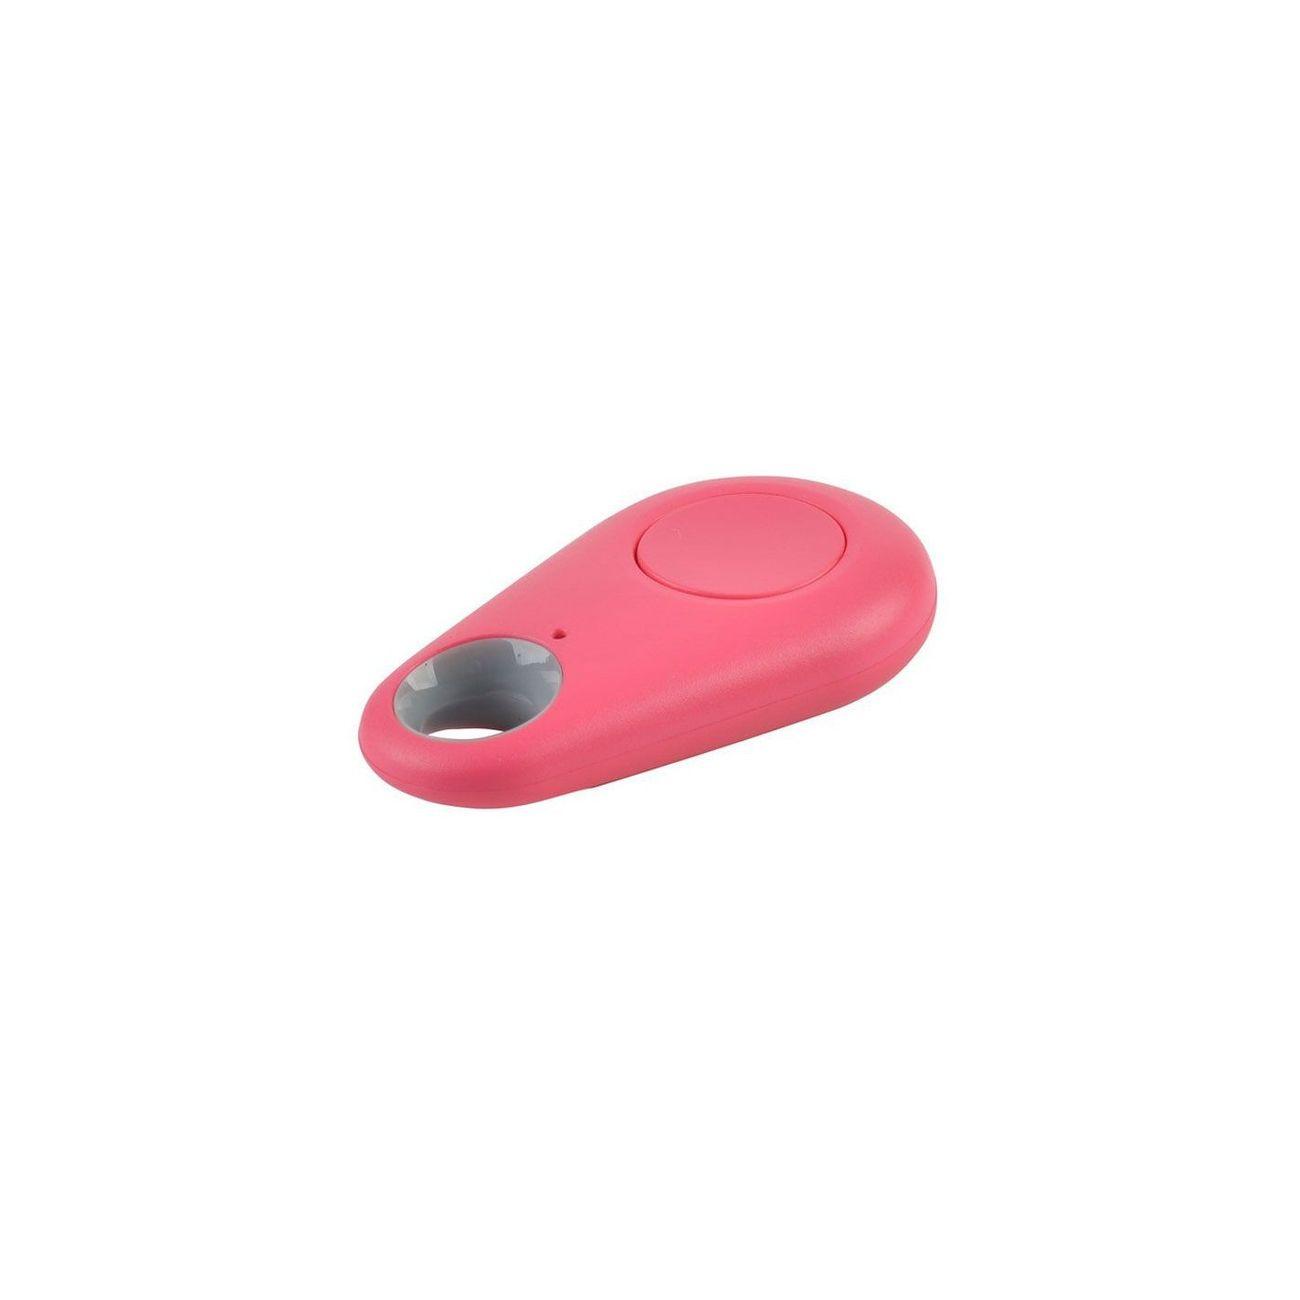 Objet connécté - high tech  CELLYS Porte-Clés Connecté Anti-Perte Universel couleur - Rose